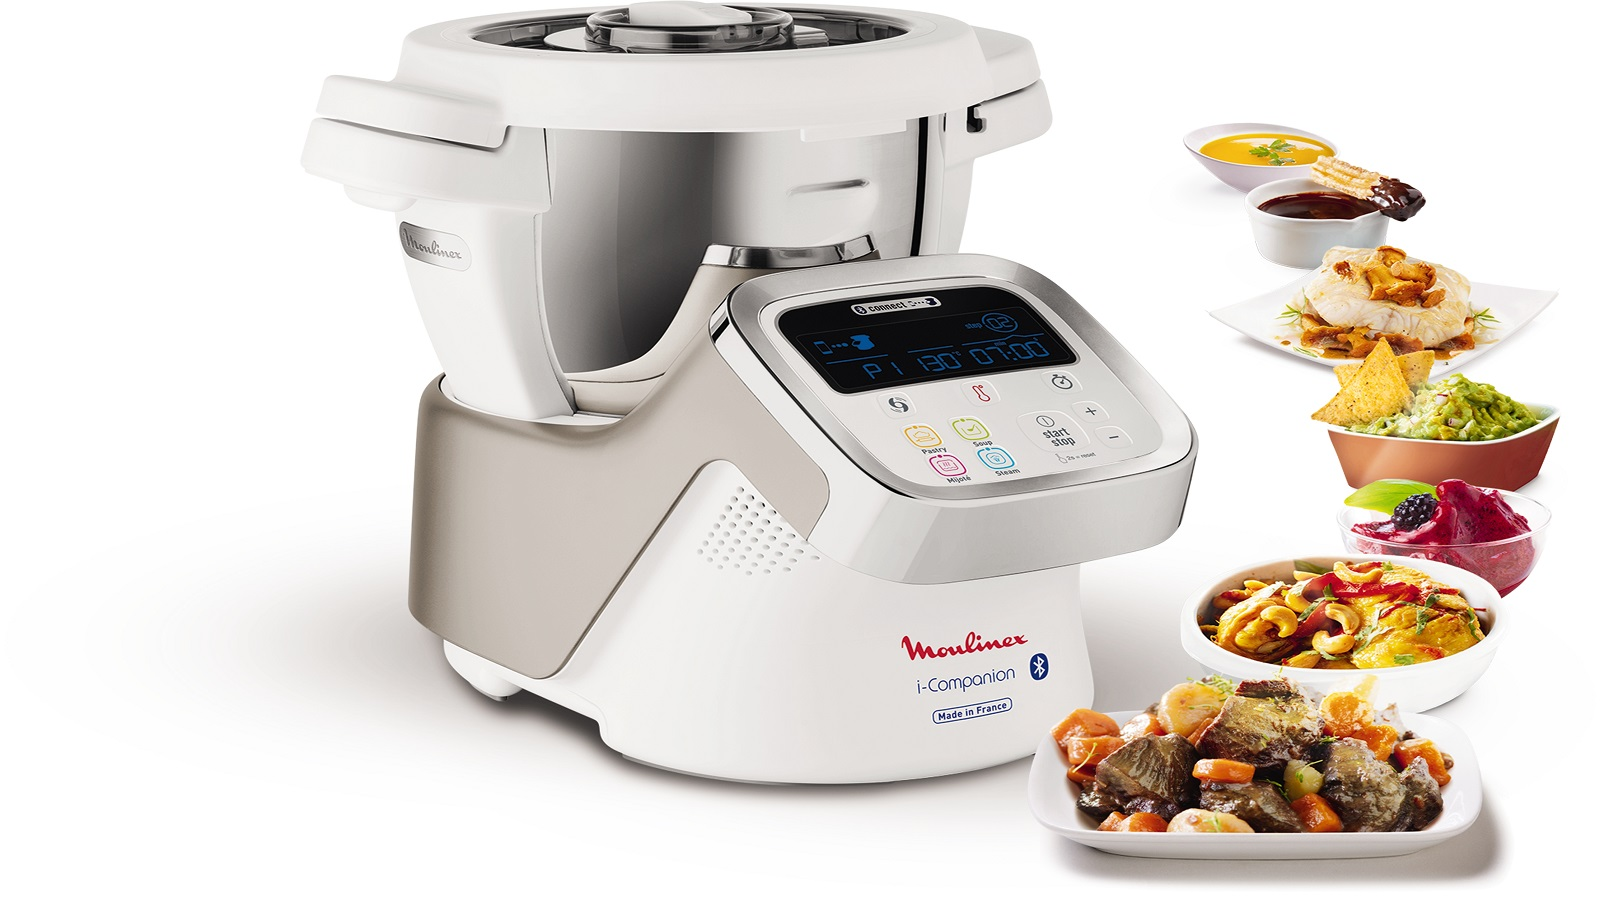 Robot da cucina moulinex nuovo modello a confronto col - Robot da cucina con estrattore di succo ...